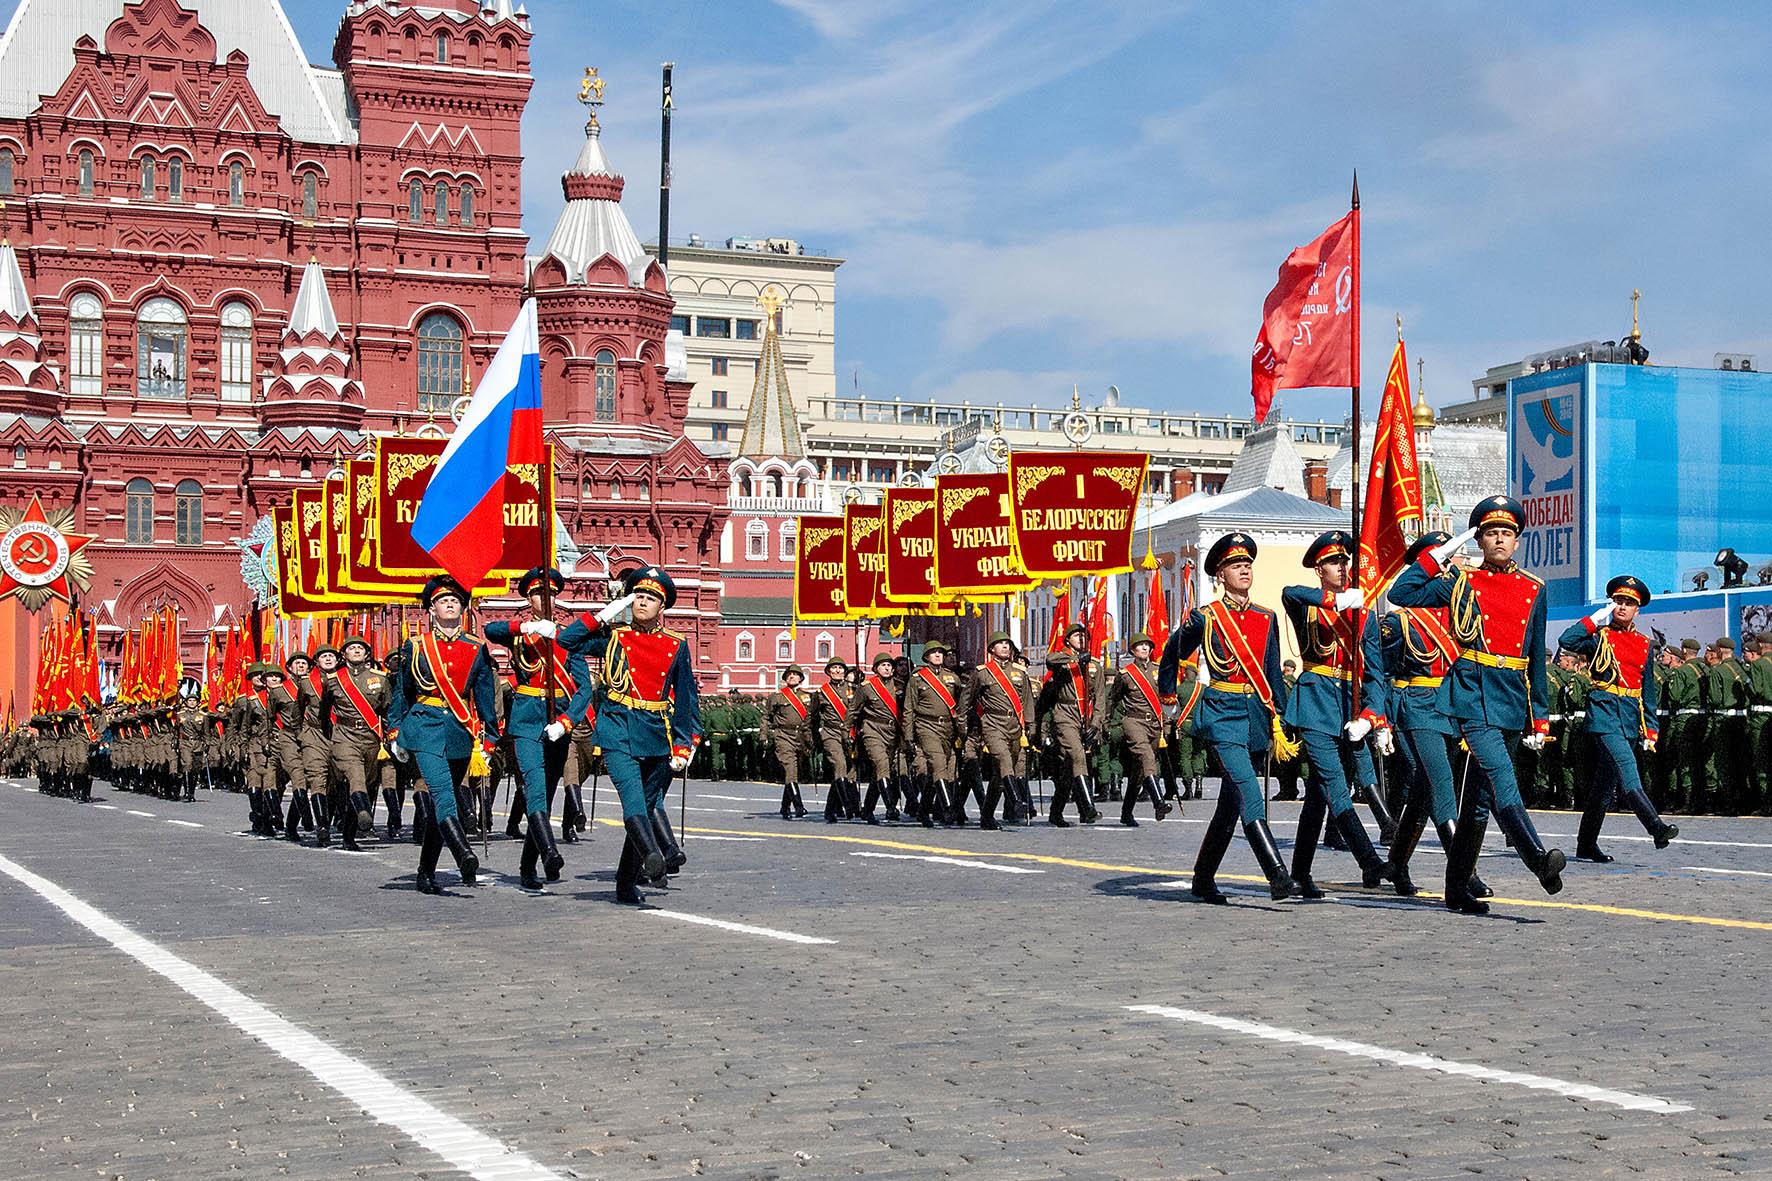 Ветеранов-участников парада Победы в Петербурге привили от коронавируса